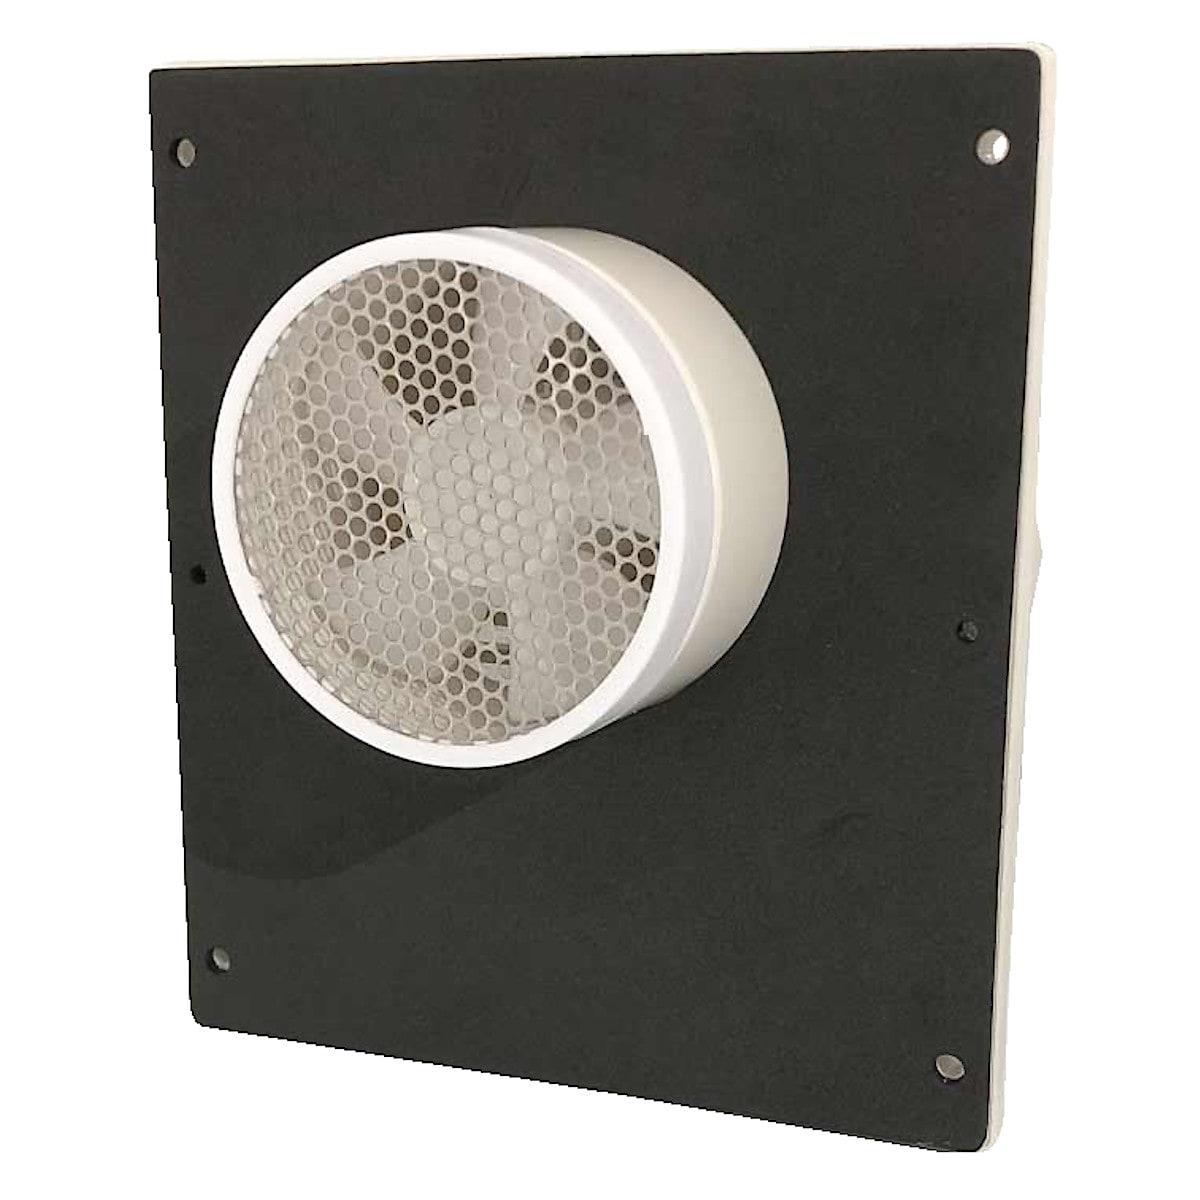 Solventilator Sunwind MiniVent med separat solpanel